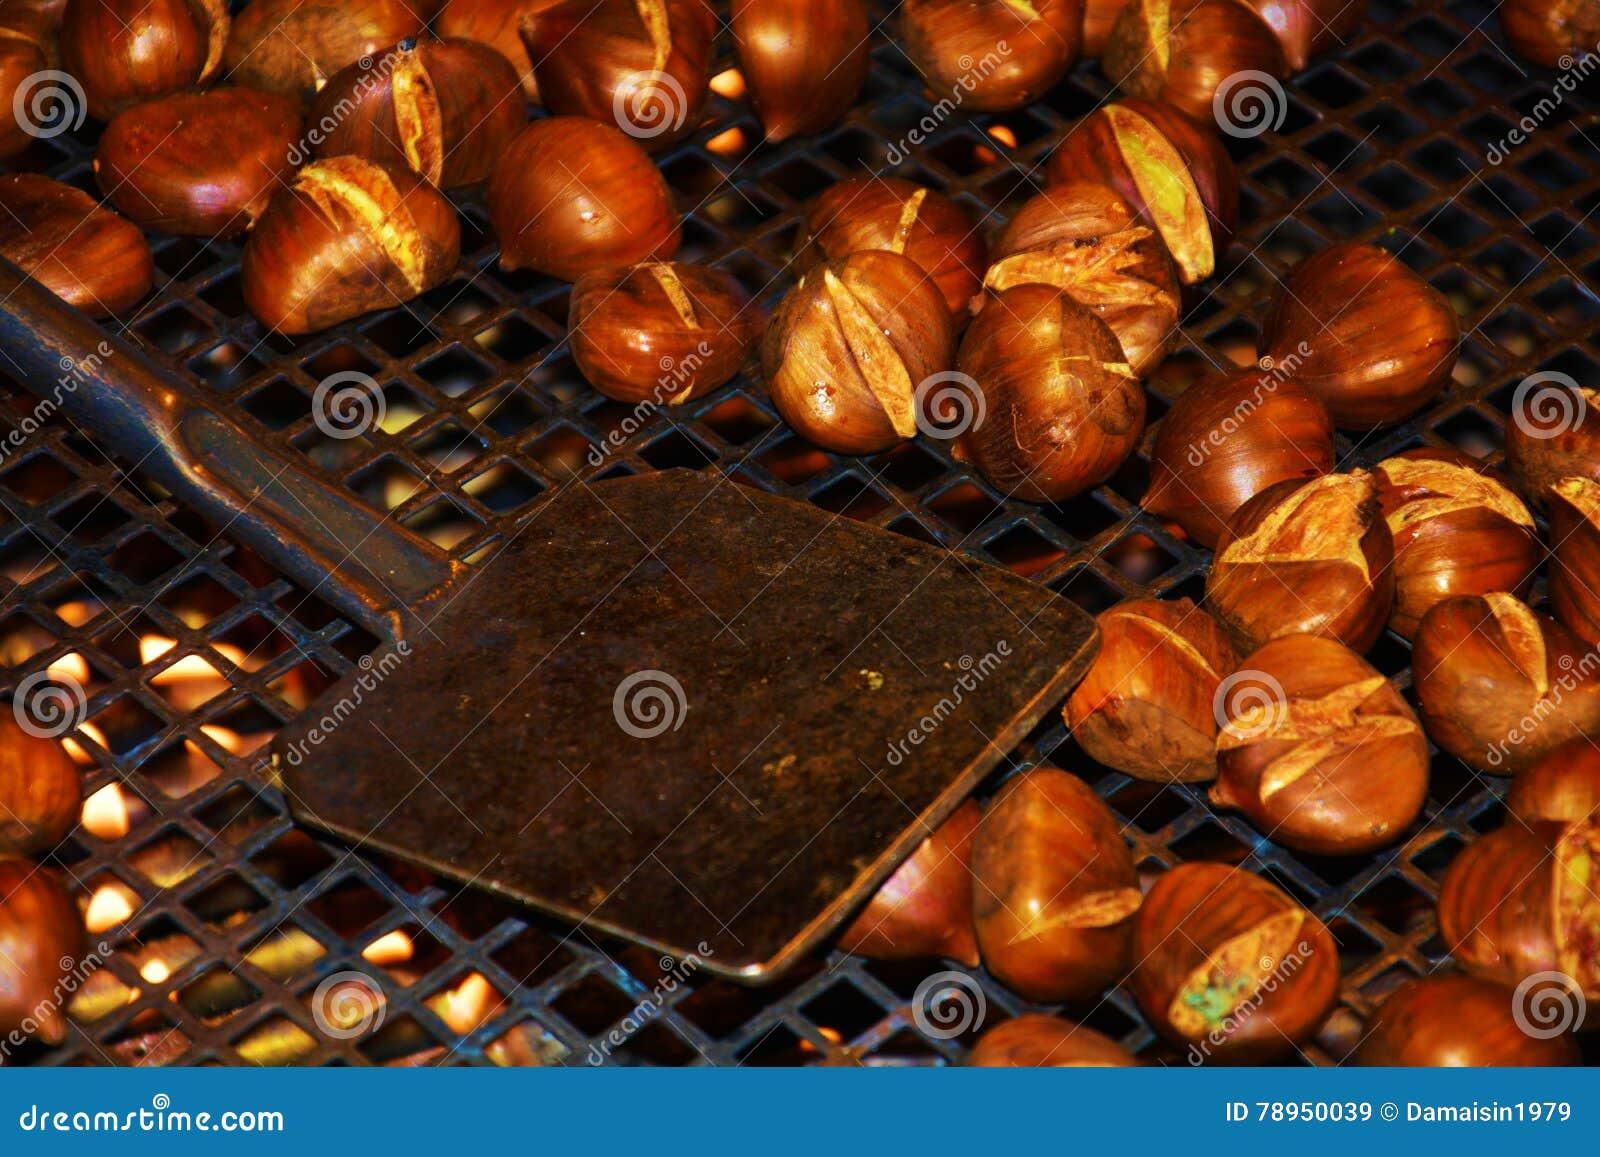 Cocinar Castañas | Cocinar Las Castanas Fritas Imagen De Archivo Imagen 78950039